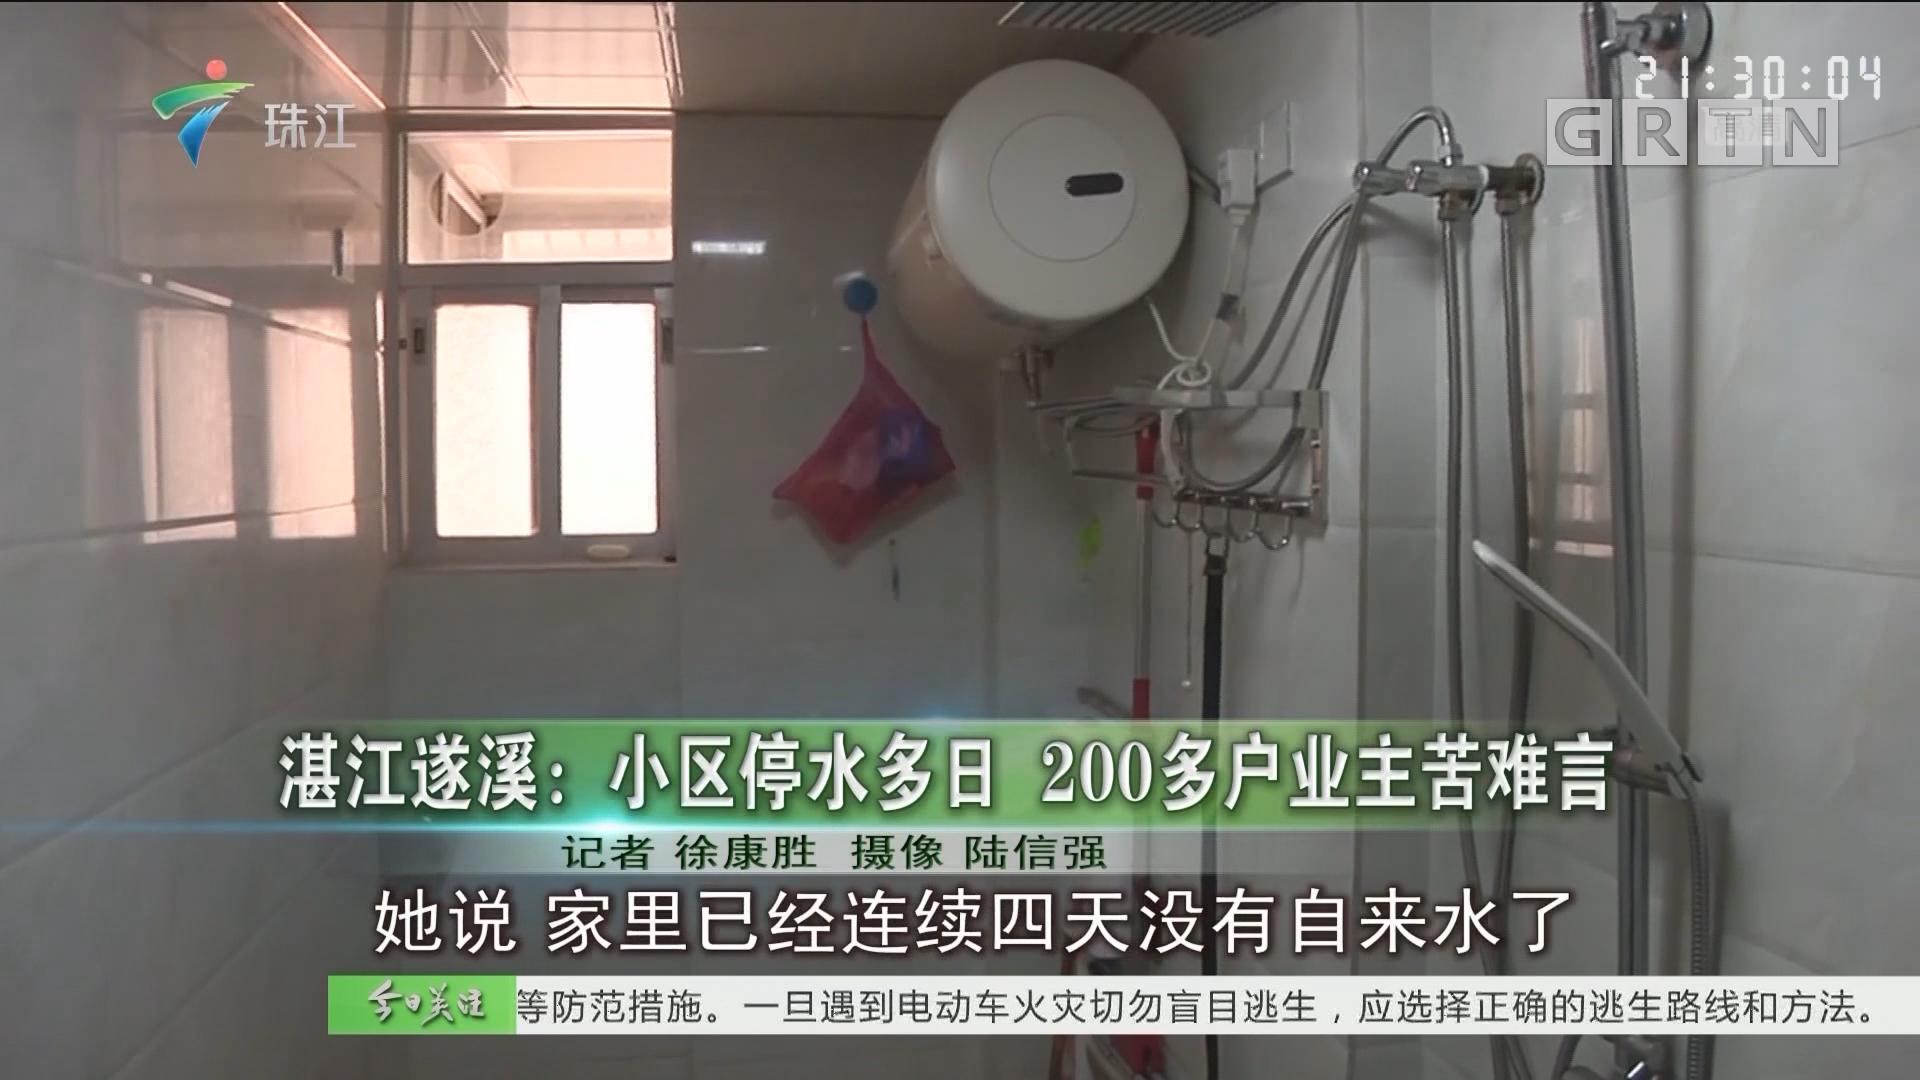 湛江遂溪:小区停水多日 200多户业主苦难言